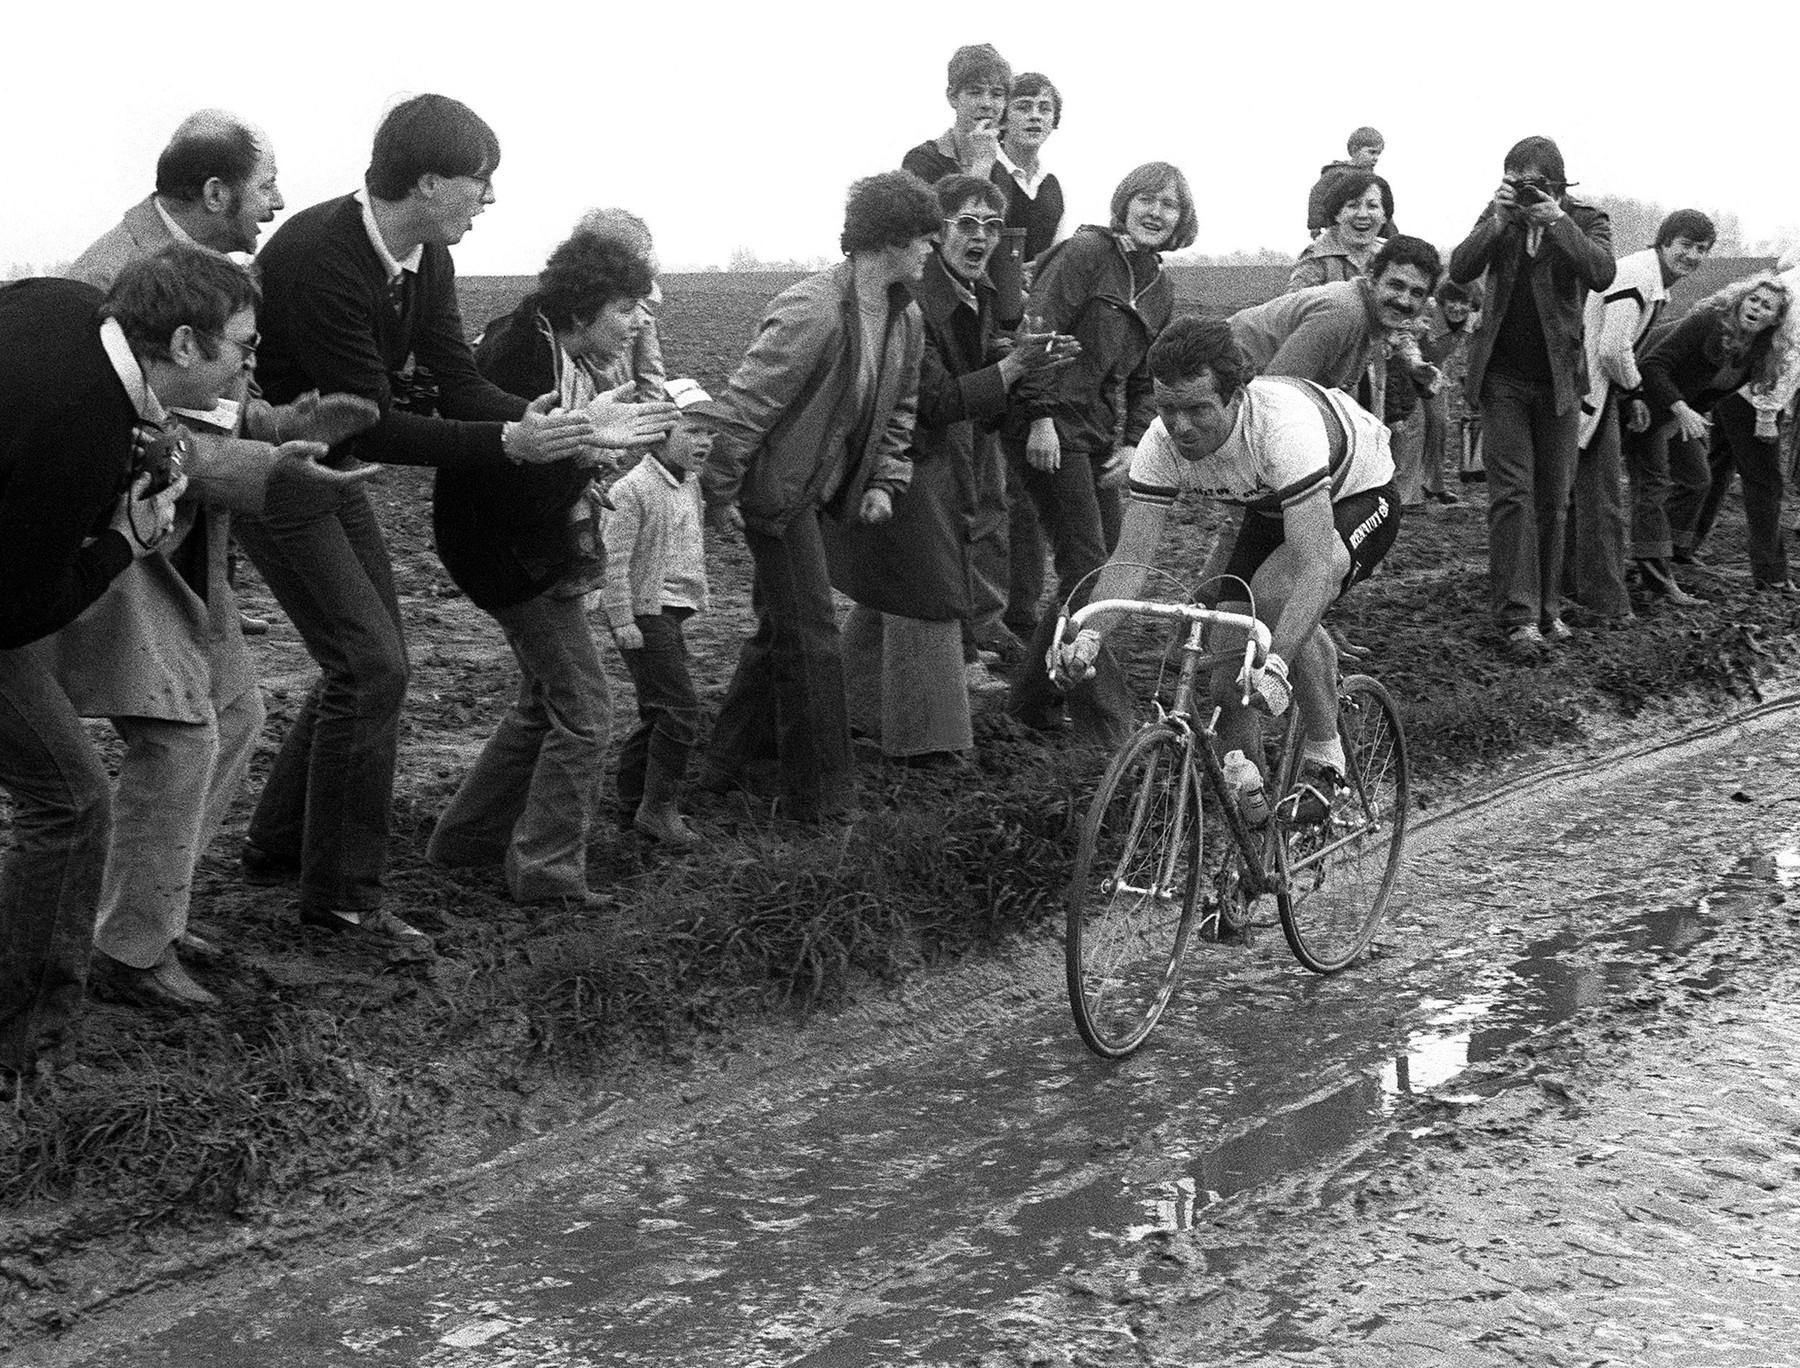 Bernard Hinault při klasice Paříž-Roubaix 1981. Tehdy slavil na legendárním závodě vítězství. Foto: profimedia